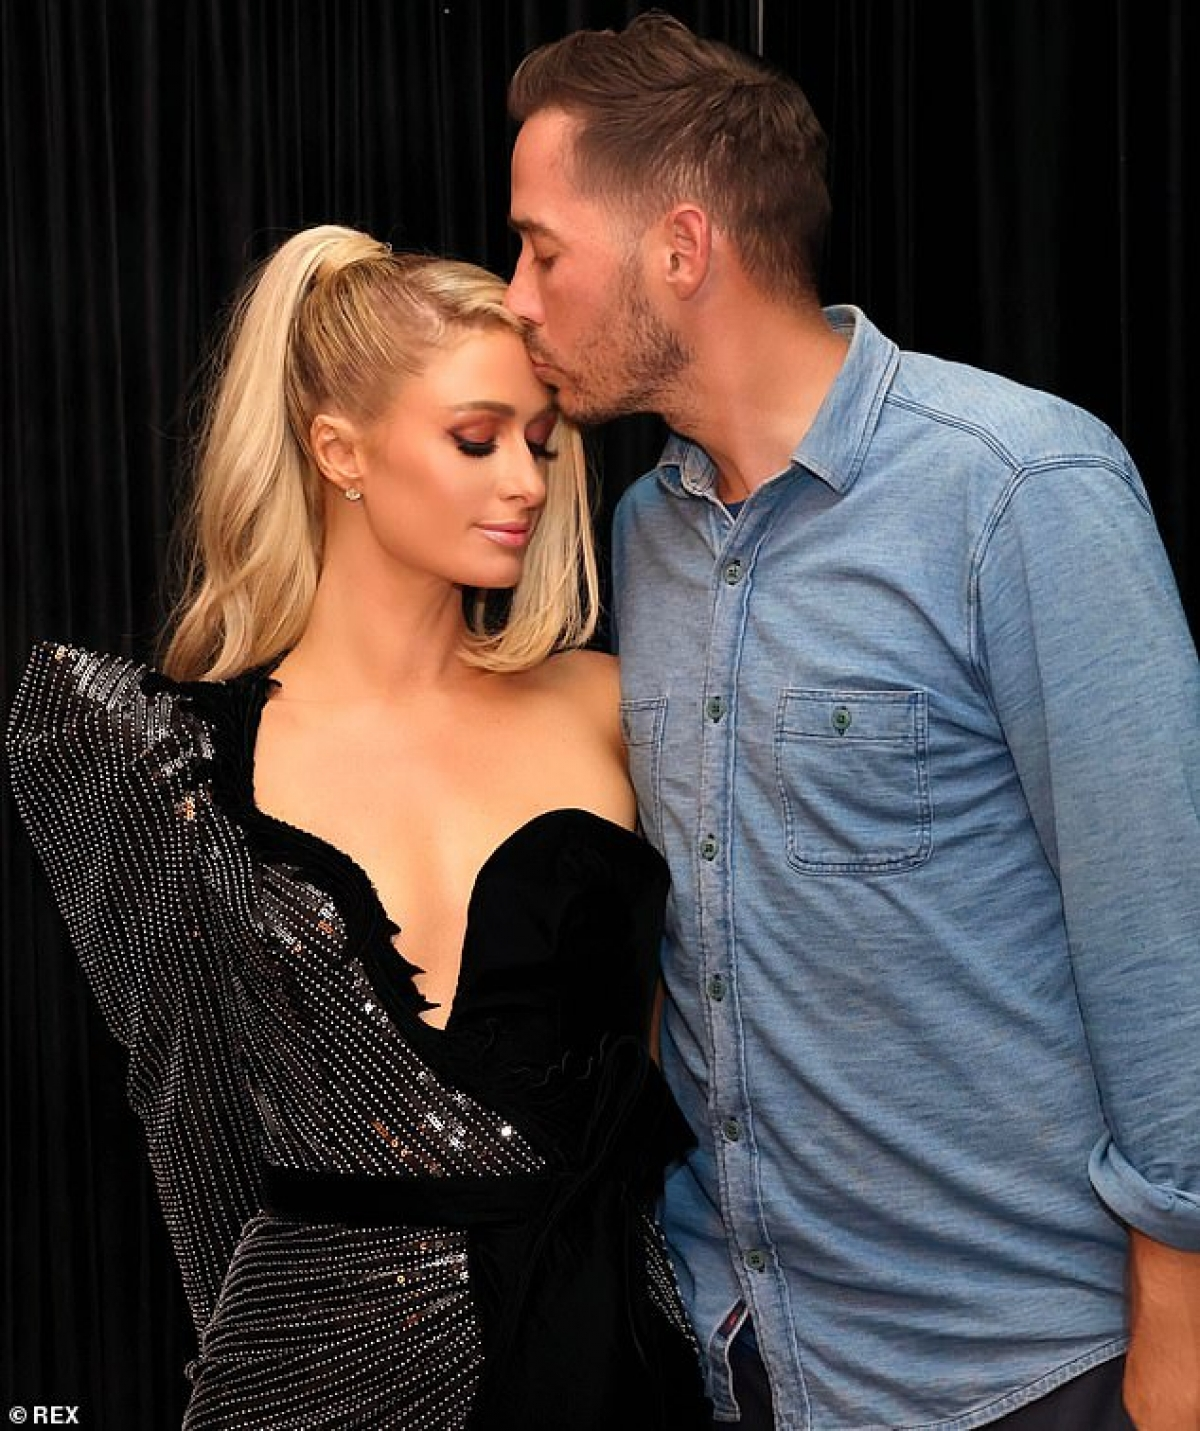 Doanh nhân Carter Reum không ngại ngần đặt lên trán bạn gái nụ hôn nóng bỏng.